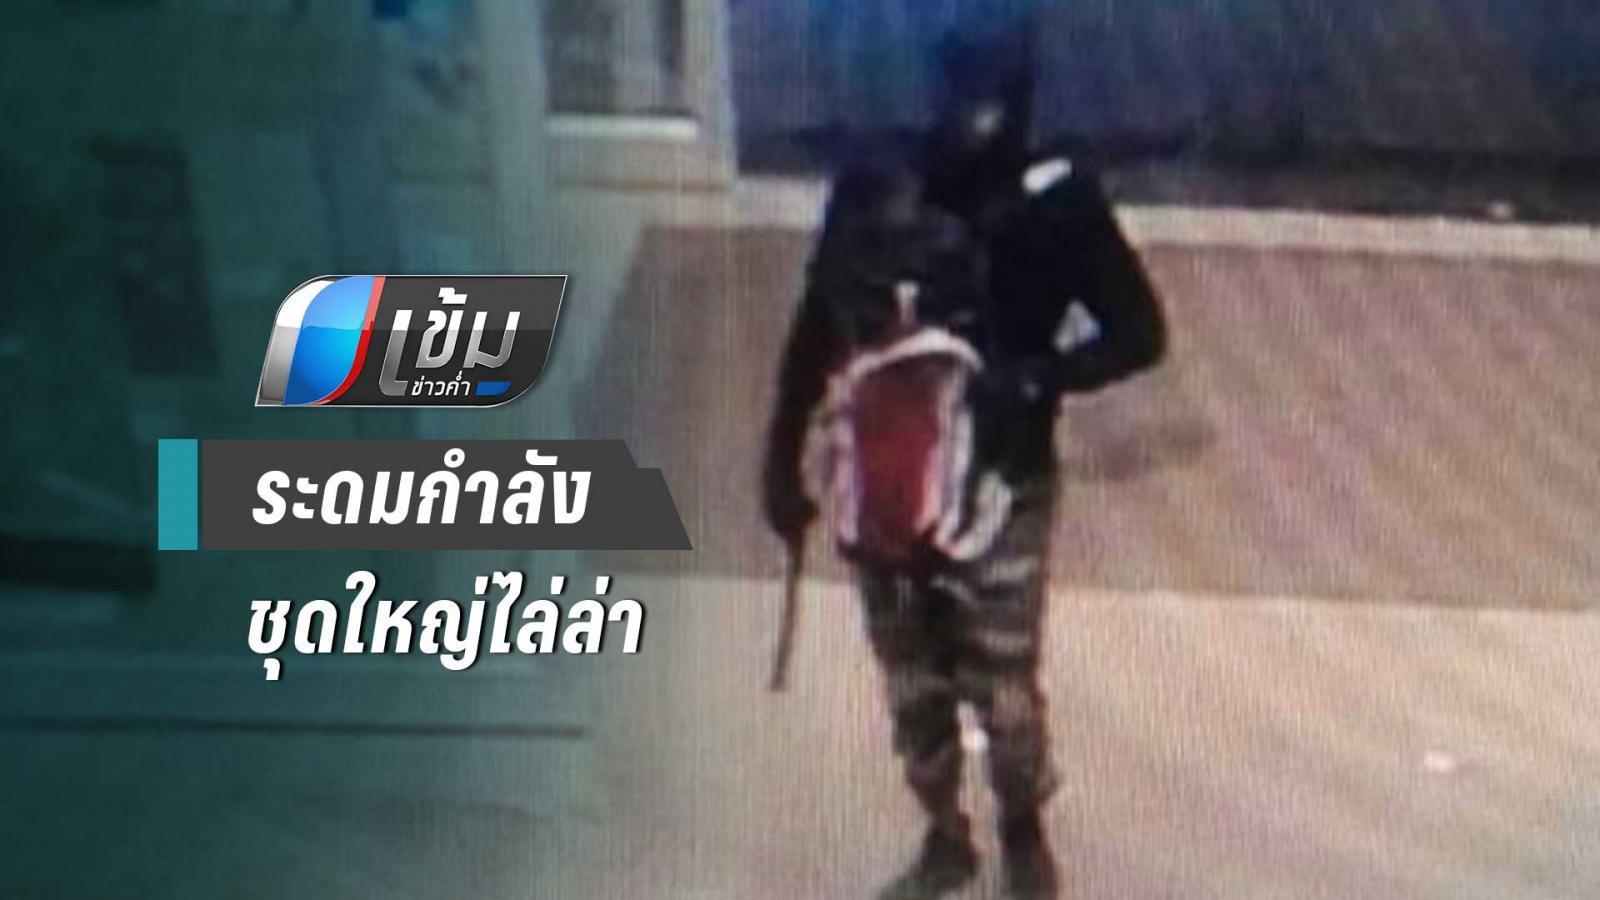 กองปราบฯระดมกำลังชุดใหญ่ไล่ล่าโจรปล้นร้านทองลพบุรี